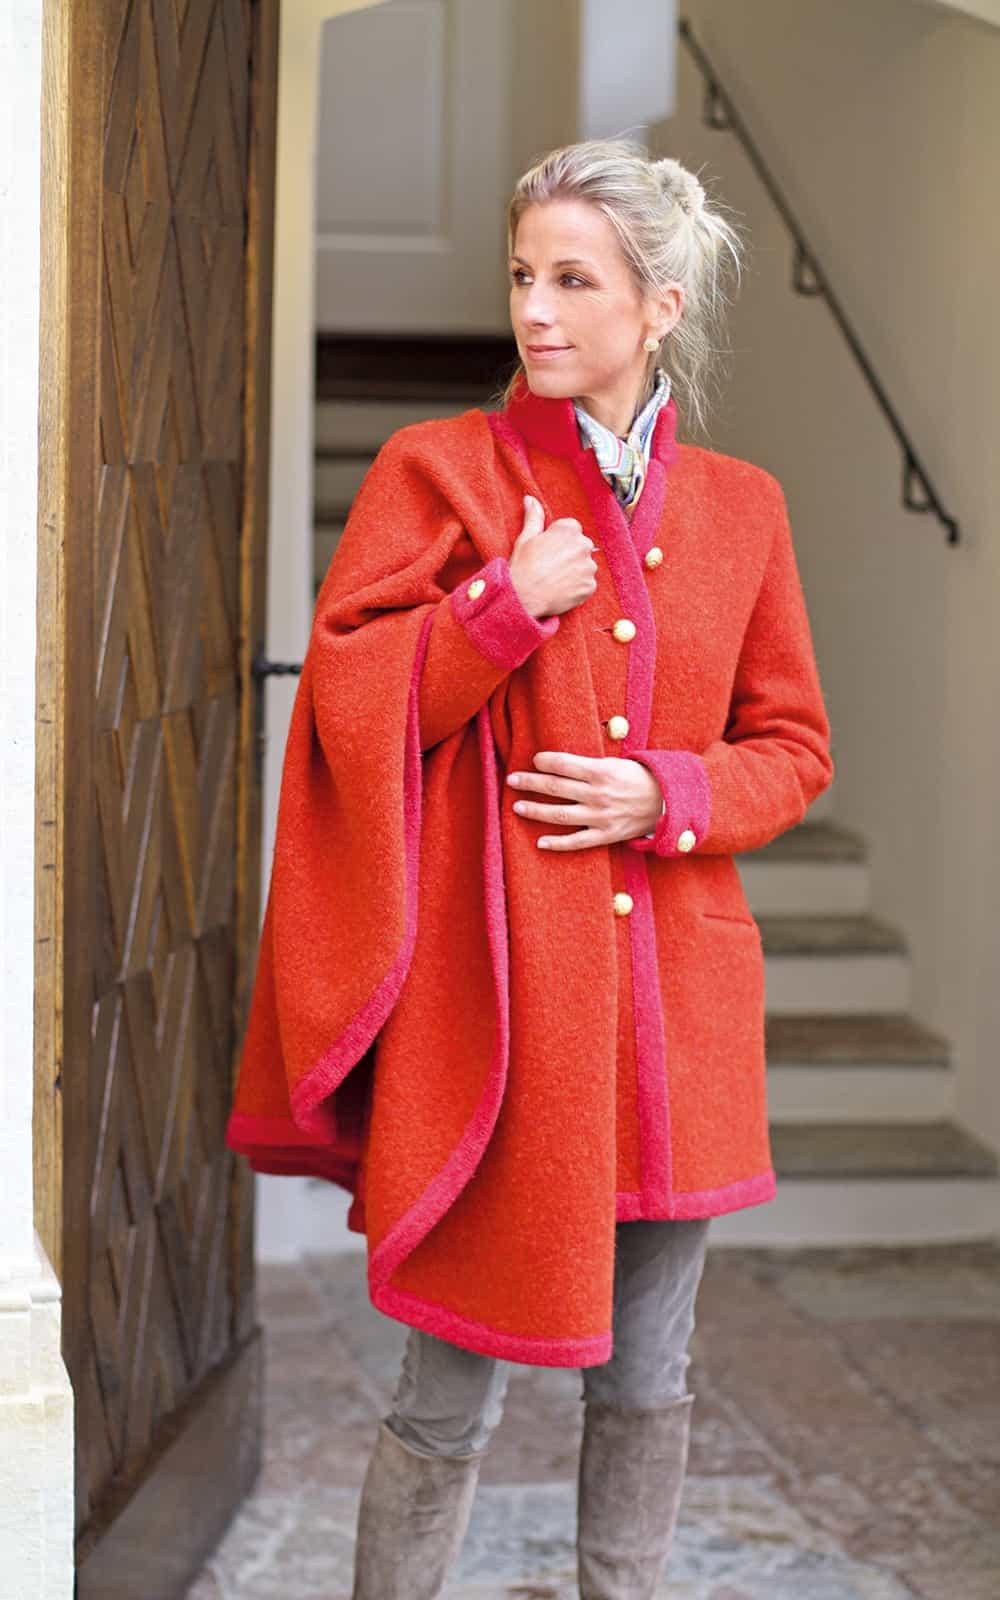 Coat: L411 Color: 2267/506 + 506 LÖW Cape: L175/24T Color: 2267/506 + 506 LÖW